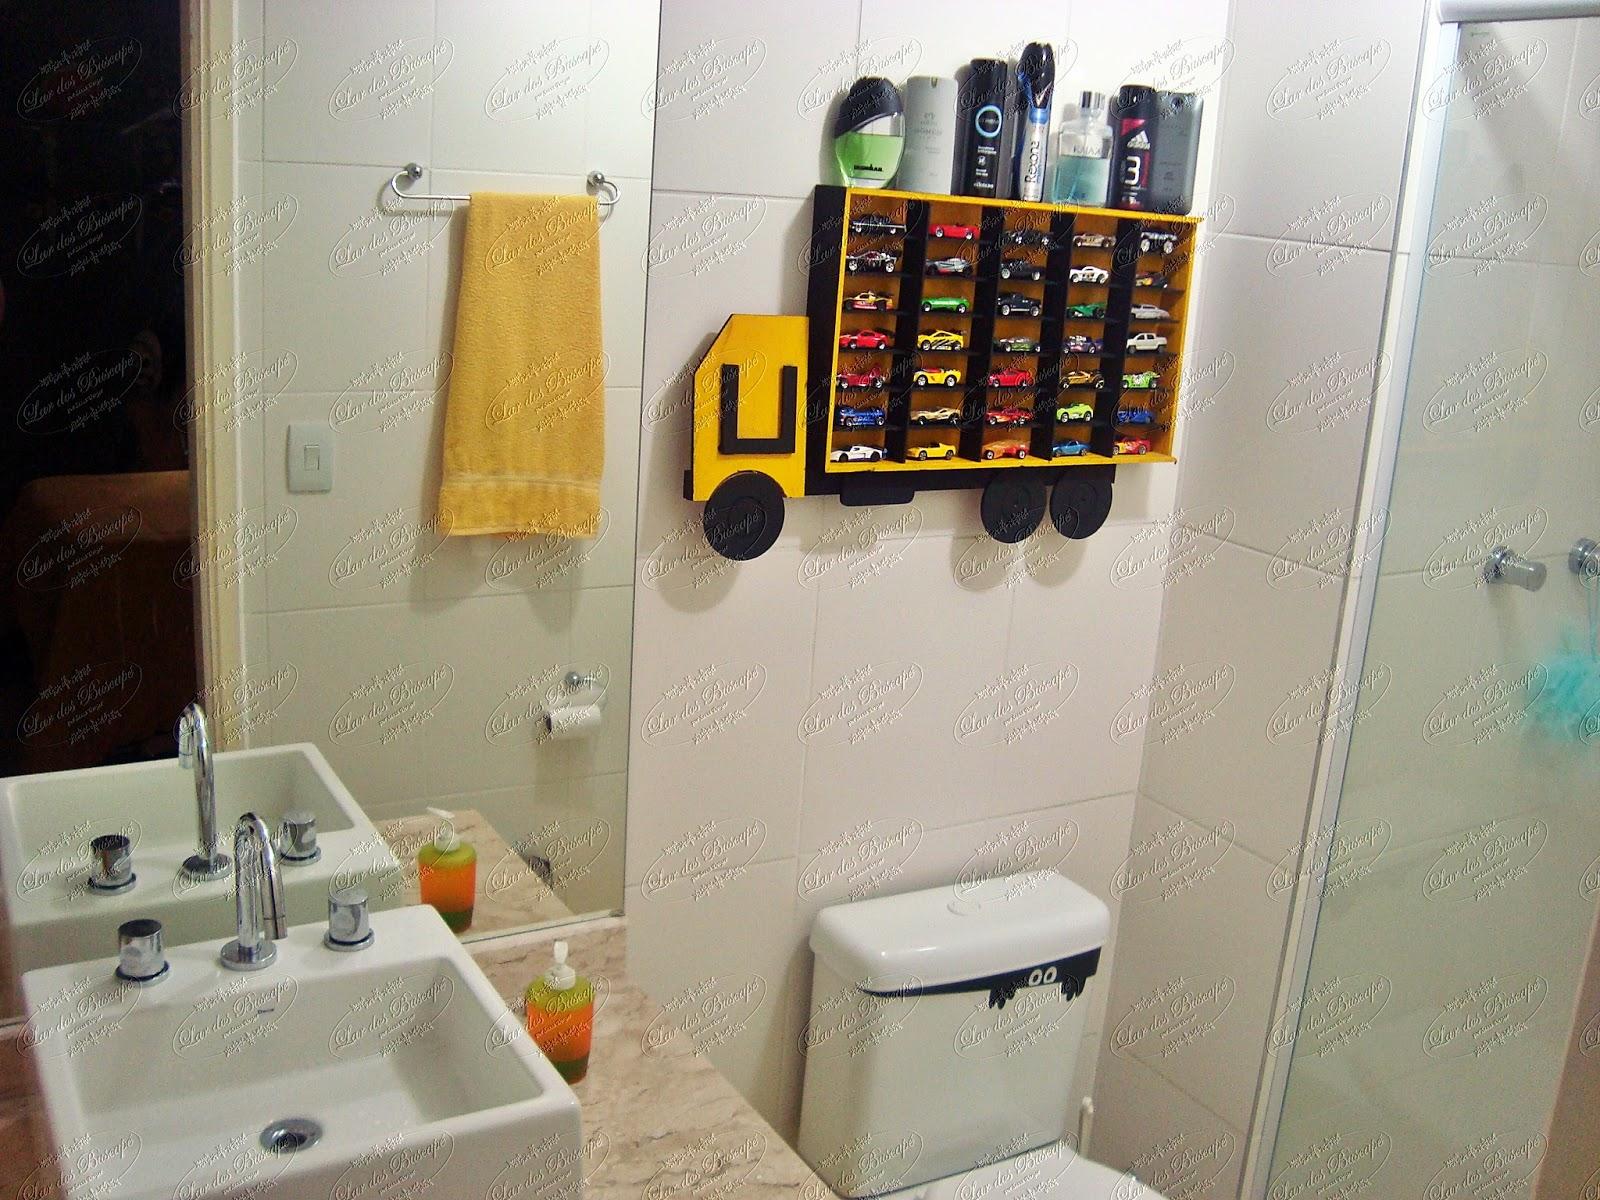 banheiro dele segue as cores do quarto: Preto Amarelo Cinza #BC950F 1600x1200 Banheiro Amarelo Com Cinza